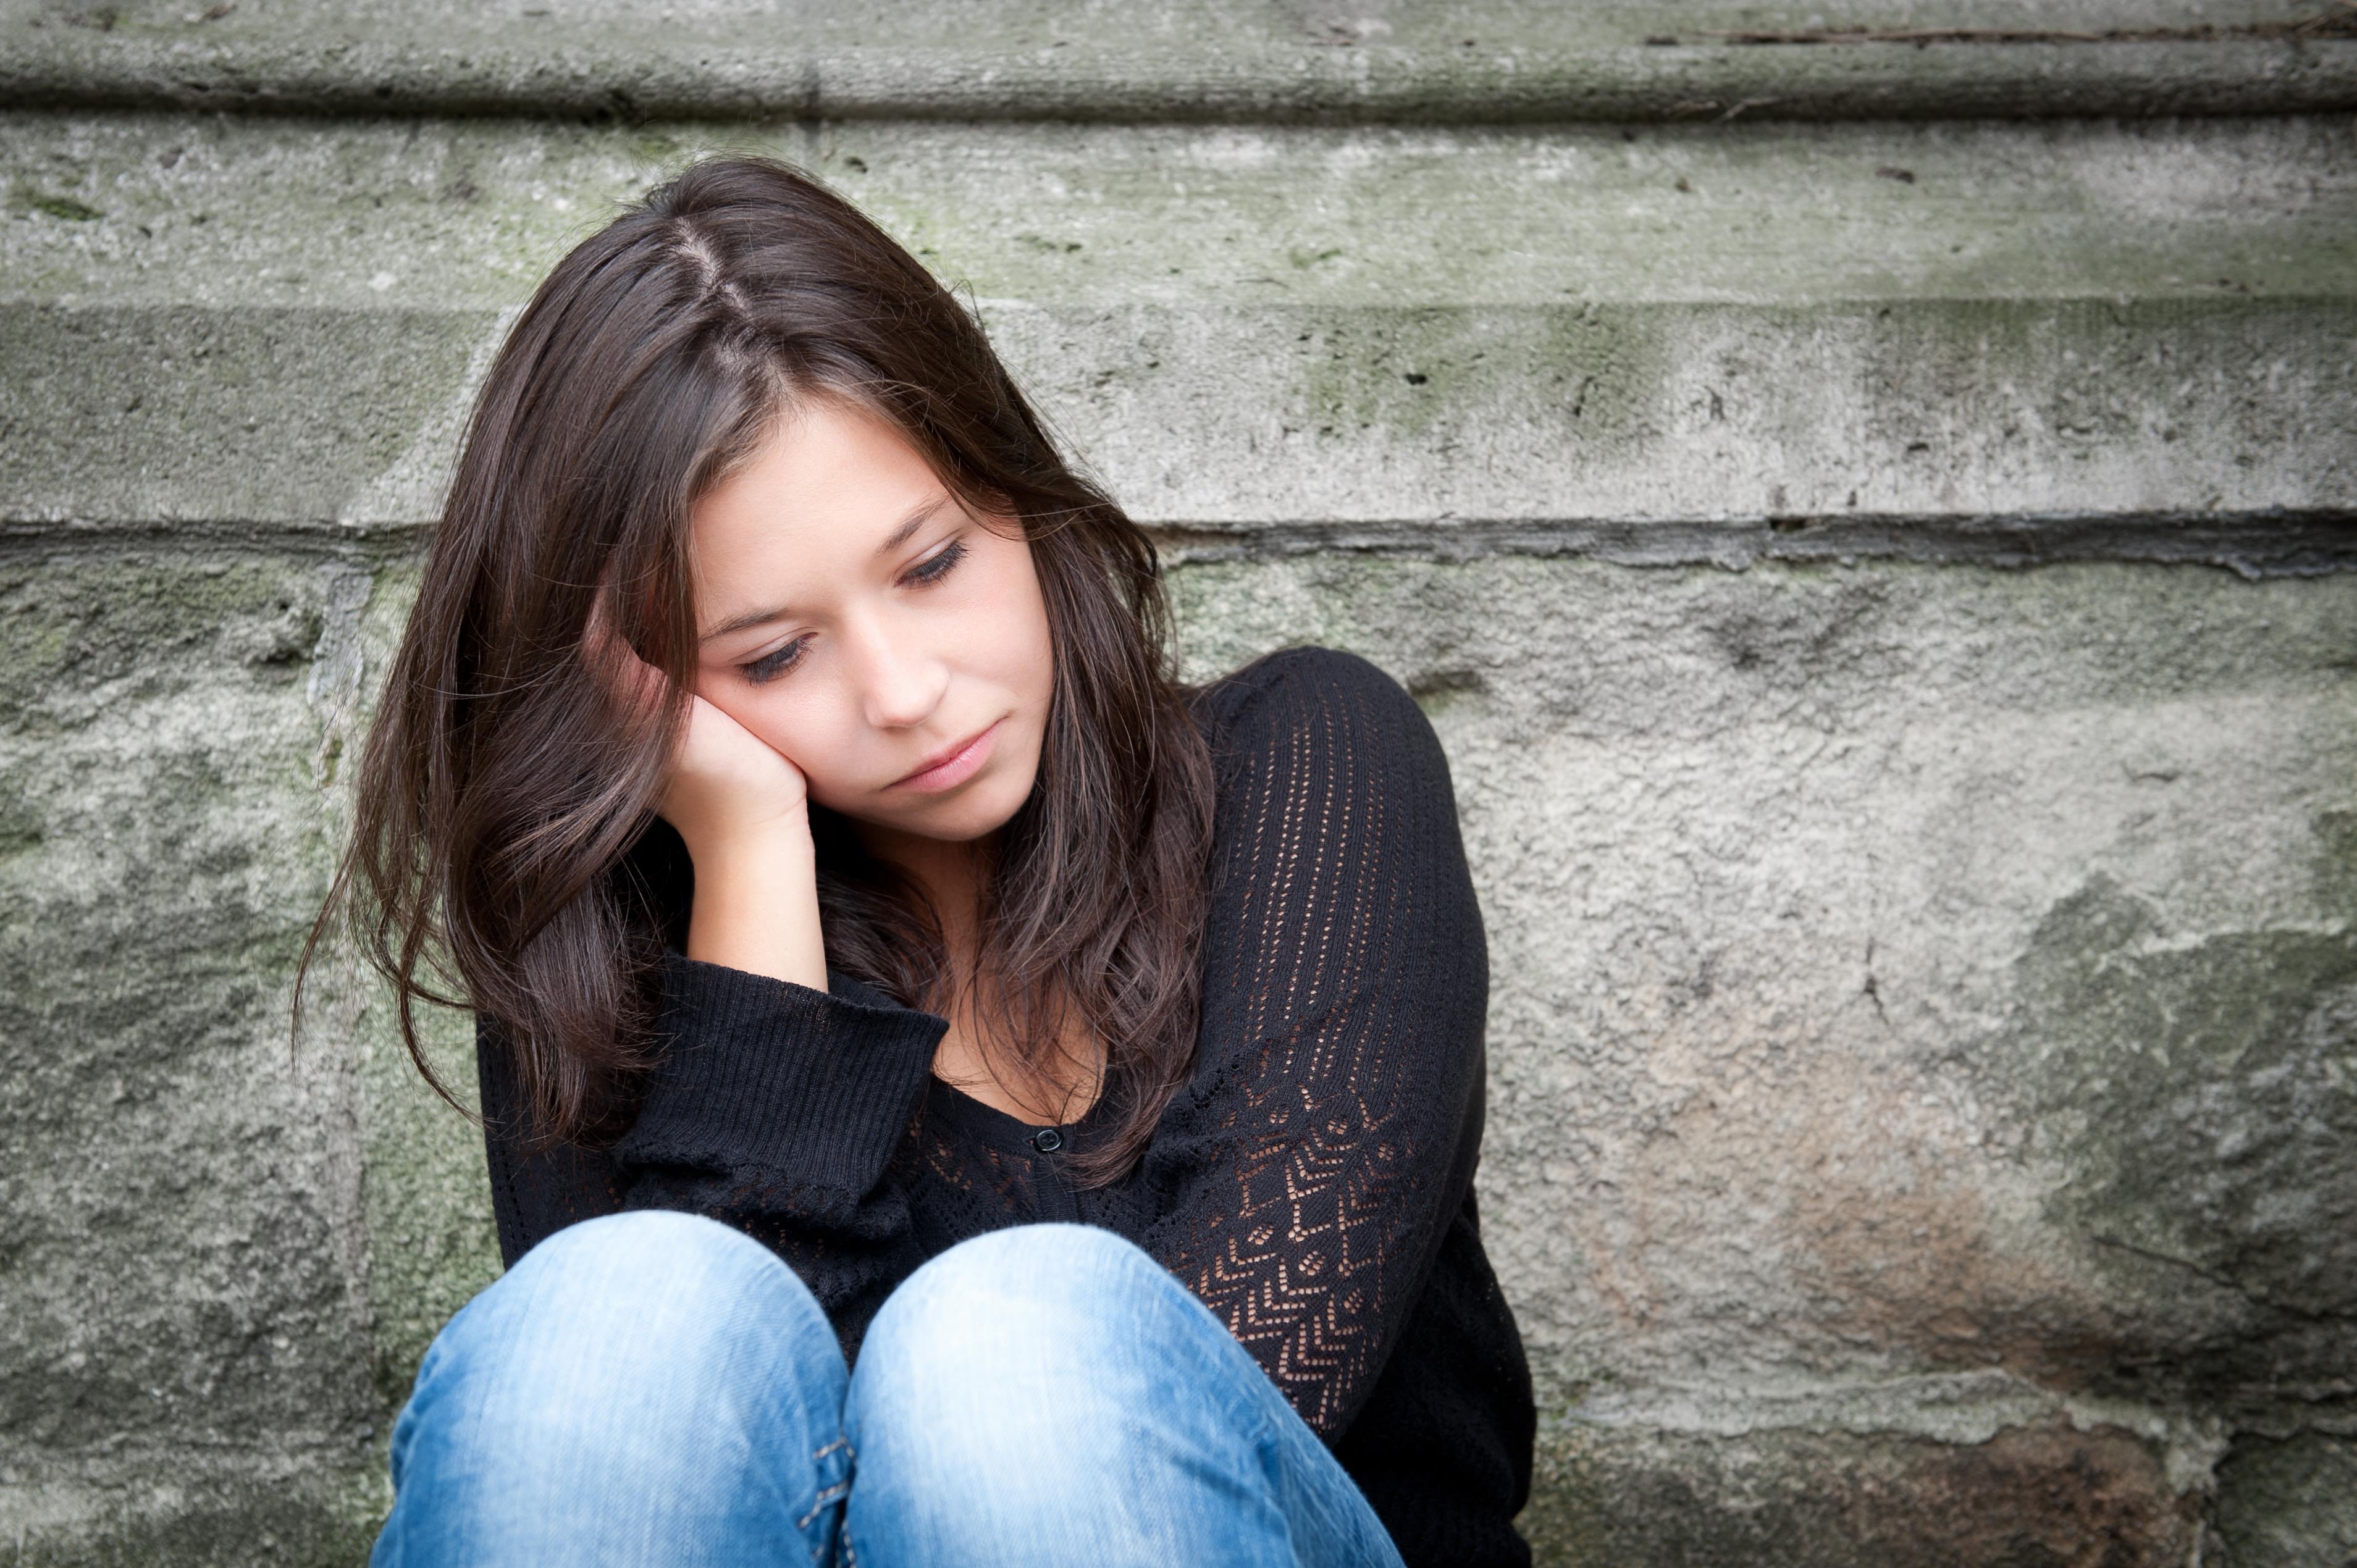 Att ha endometrios påverkar livet på många sätt. De svåra smärtorna gör att man kanske måste vara borta från arbetet flera dagar per månad.